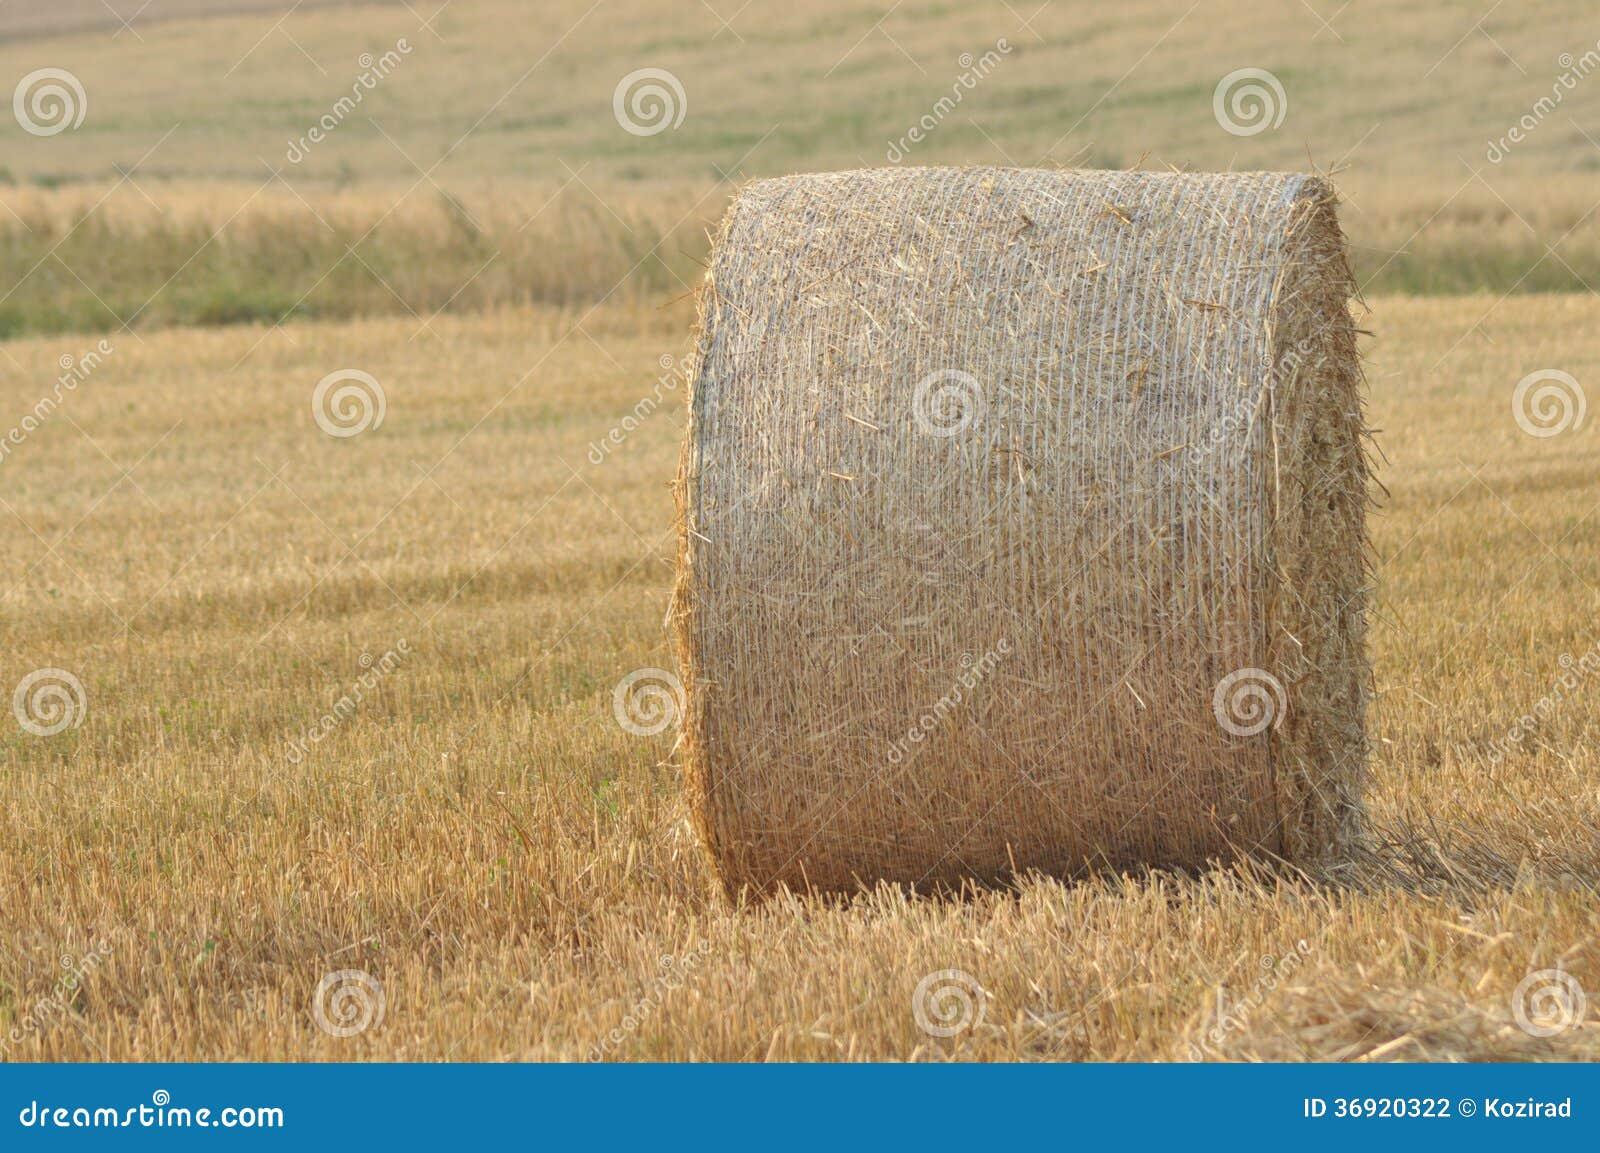 Żniwo w polach. Słoma bele załamywać się.